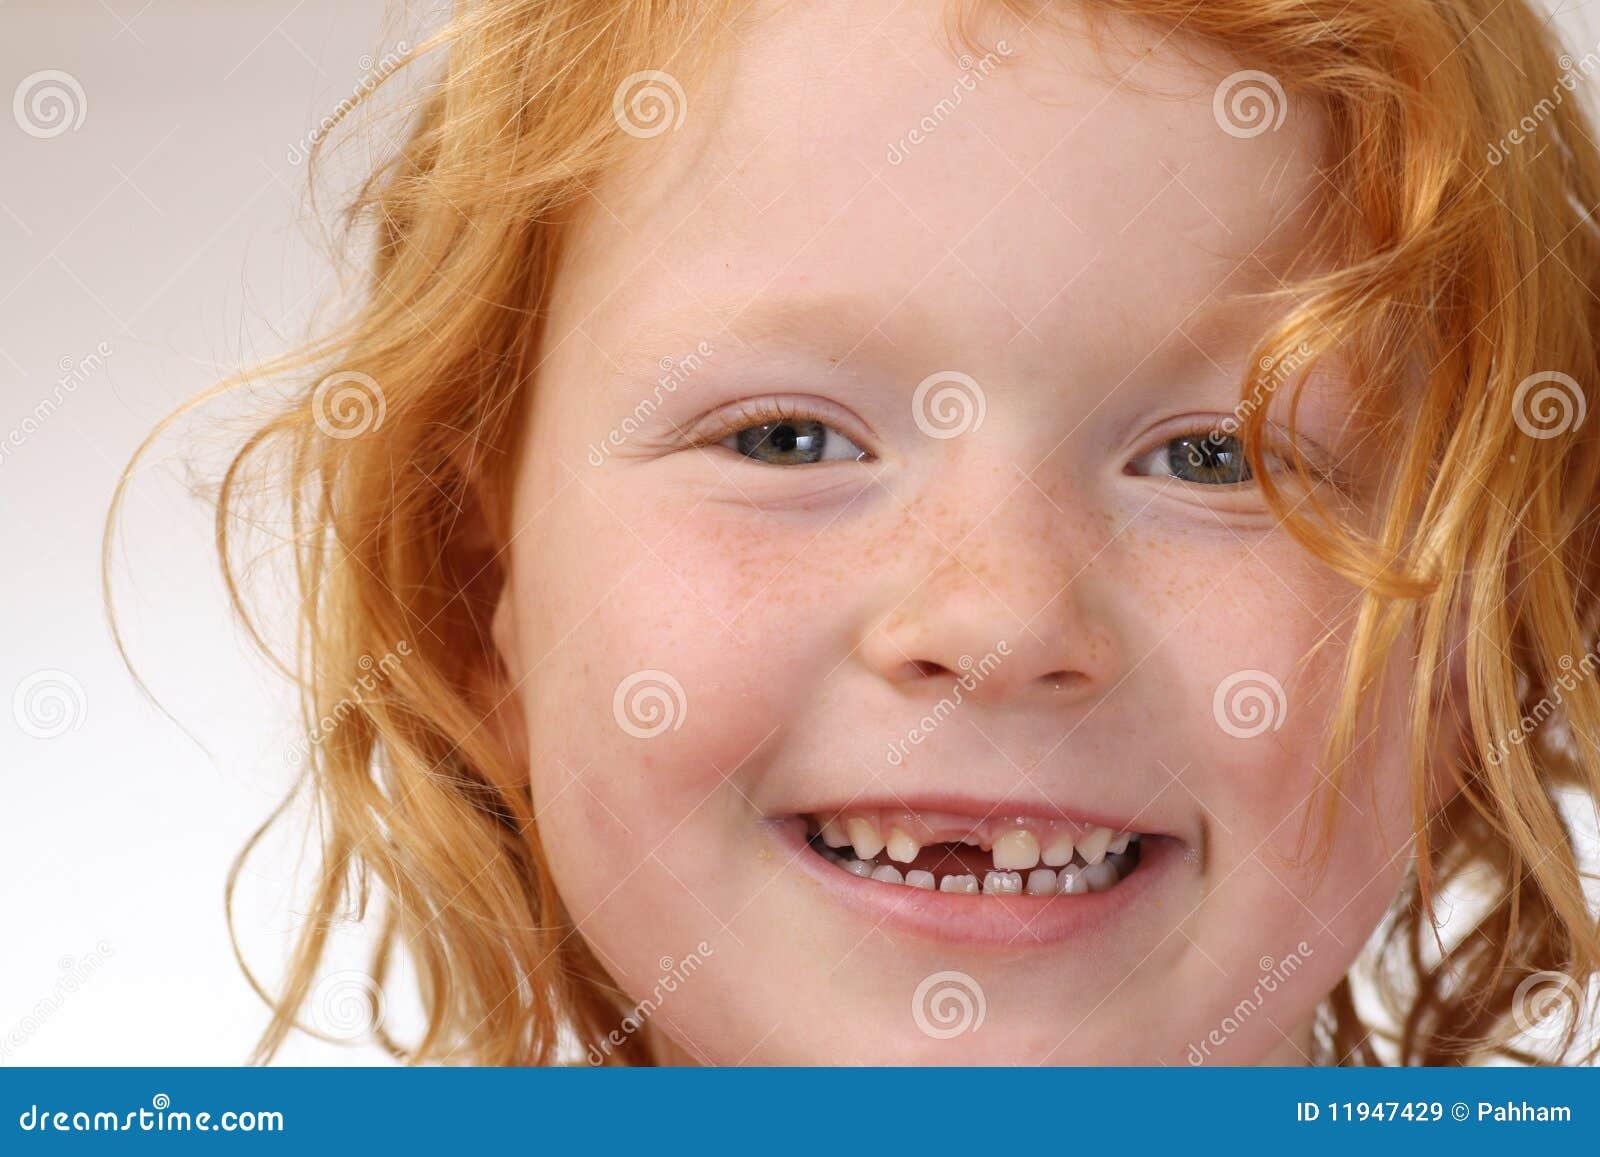 Spacco del dente